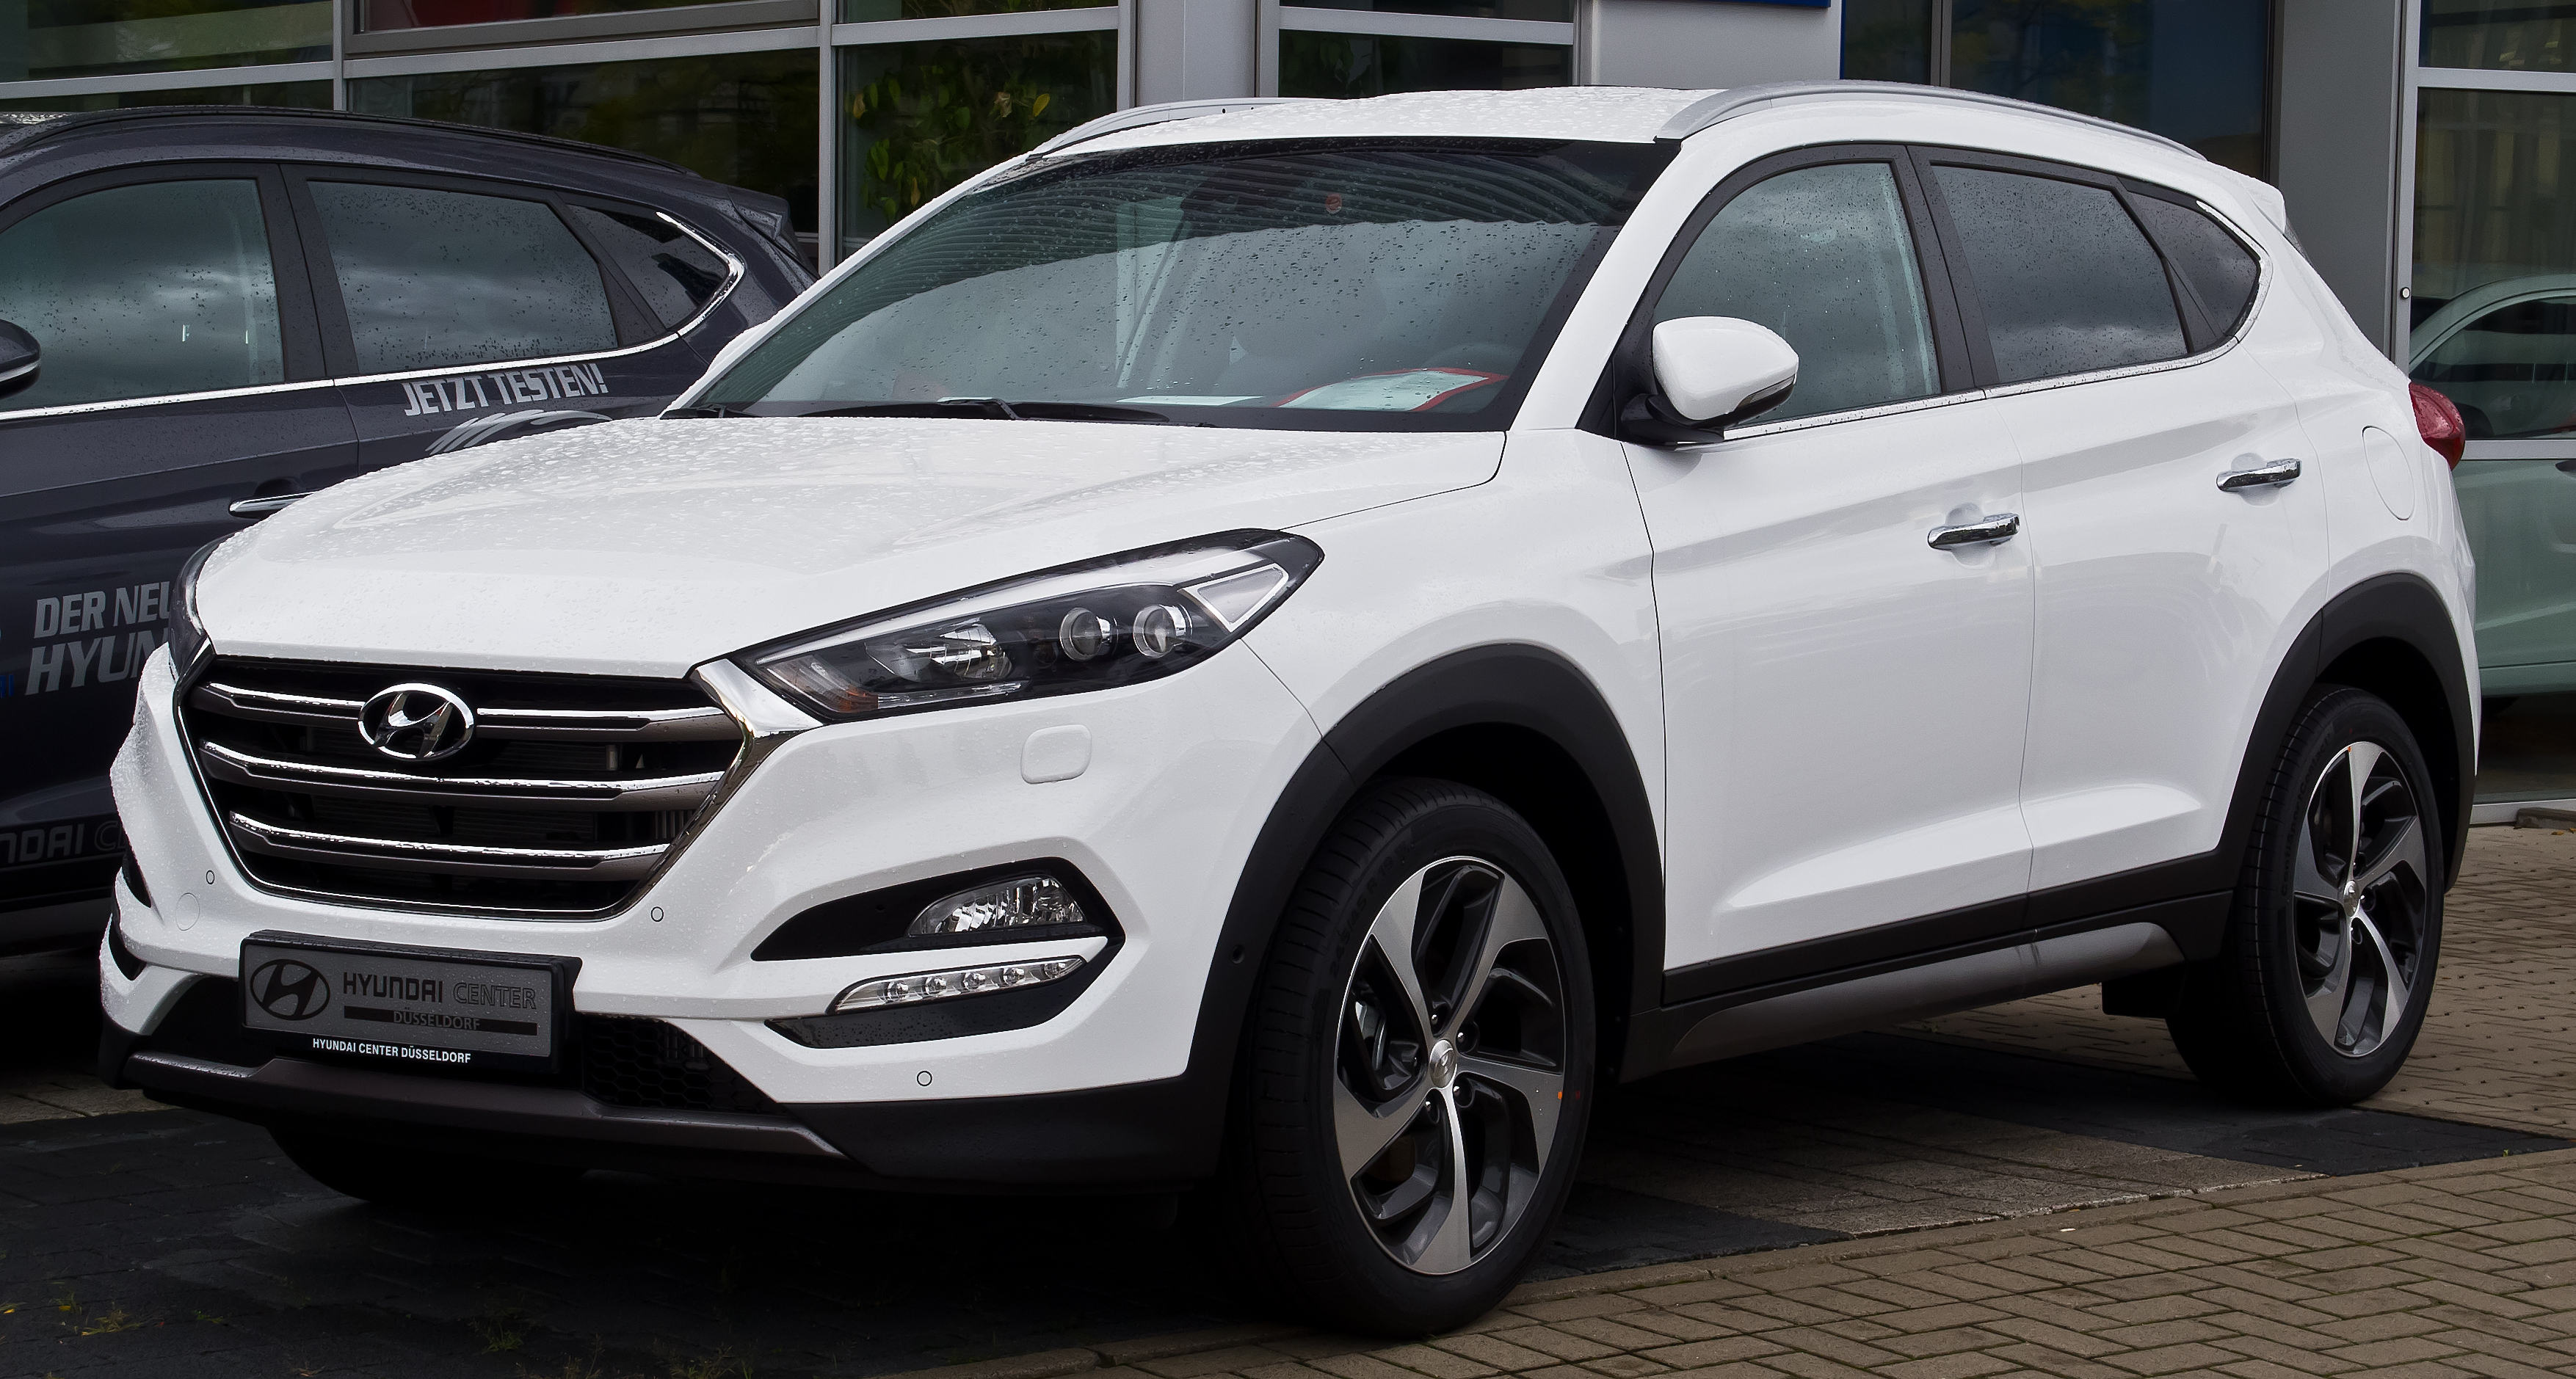 Datei:Hyundai Tucson 2.0 CRDi 4WD Premium (III